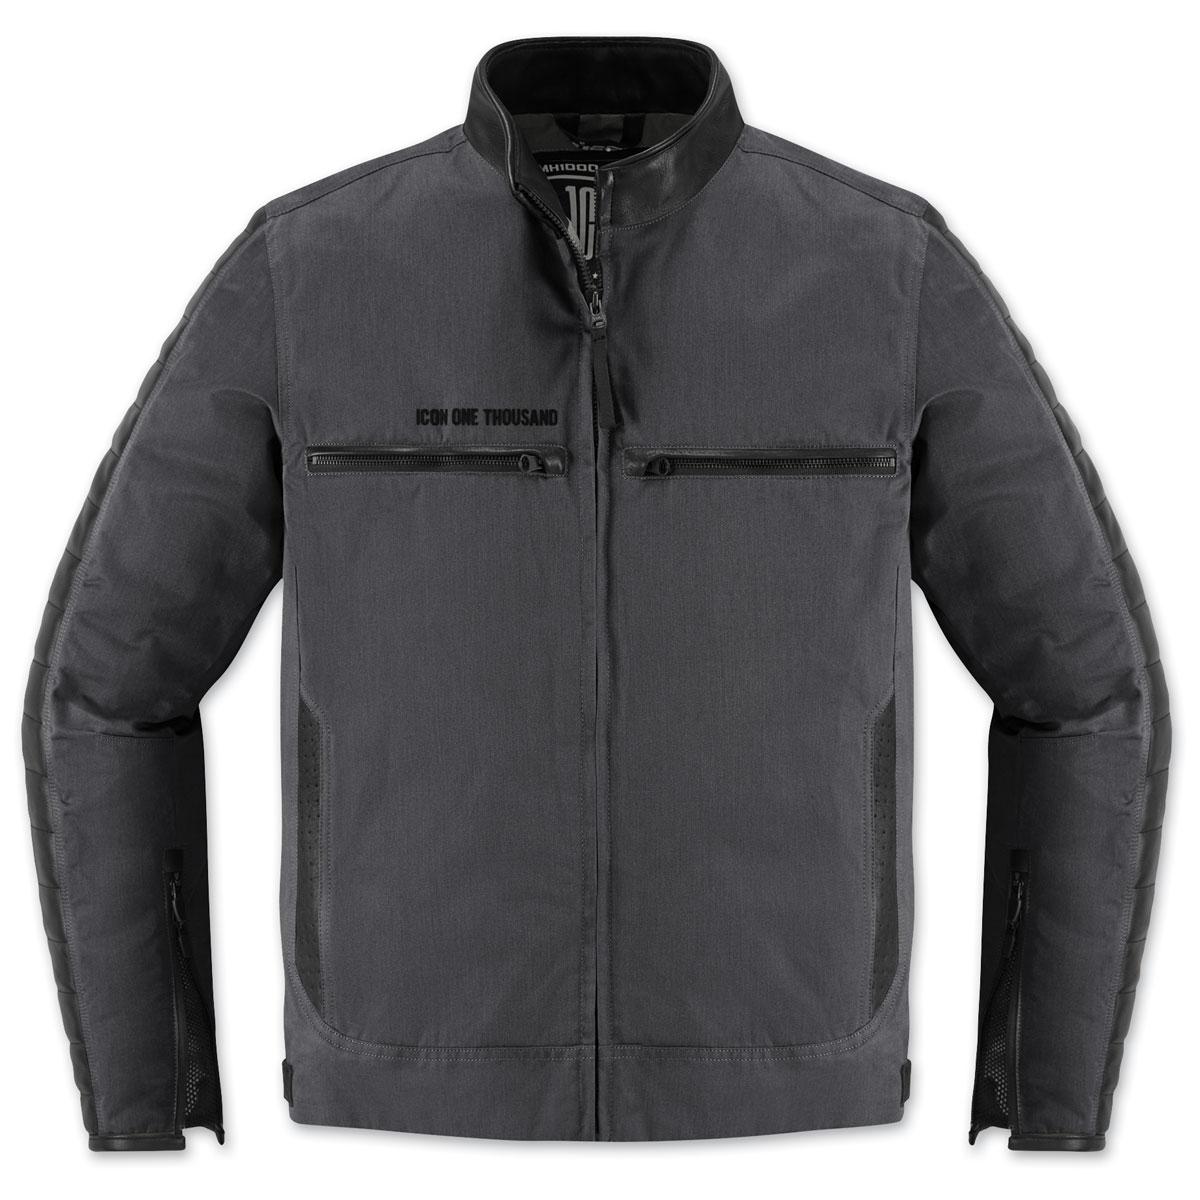 ICON One Thousand Men's MH 1000 Black Textile Jacket